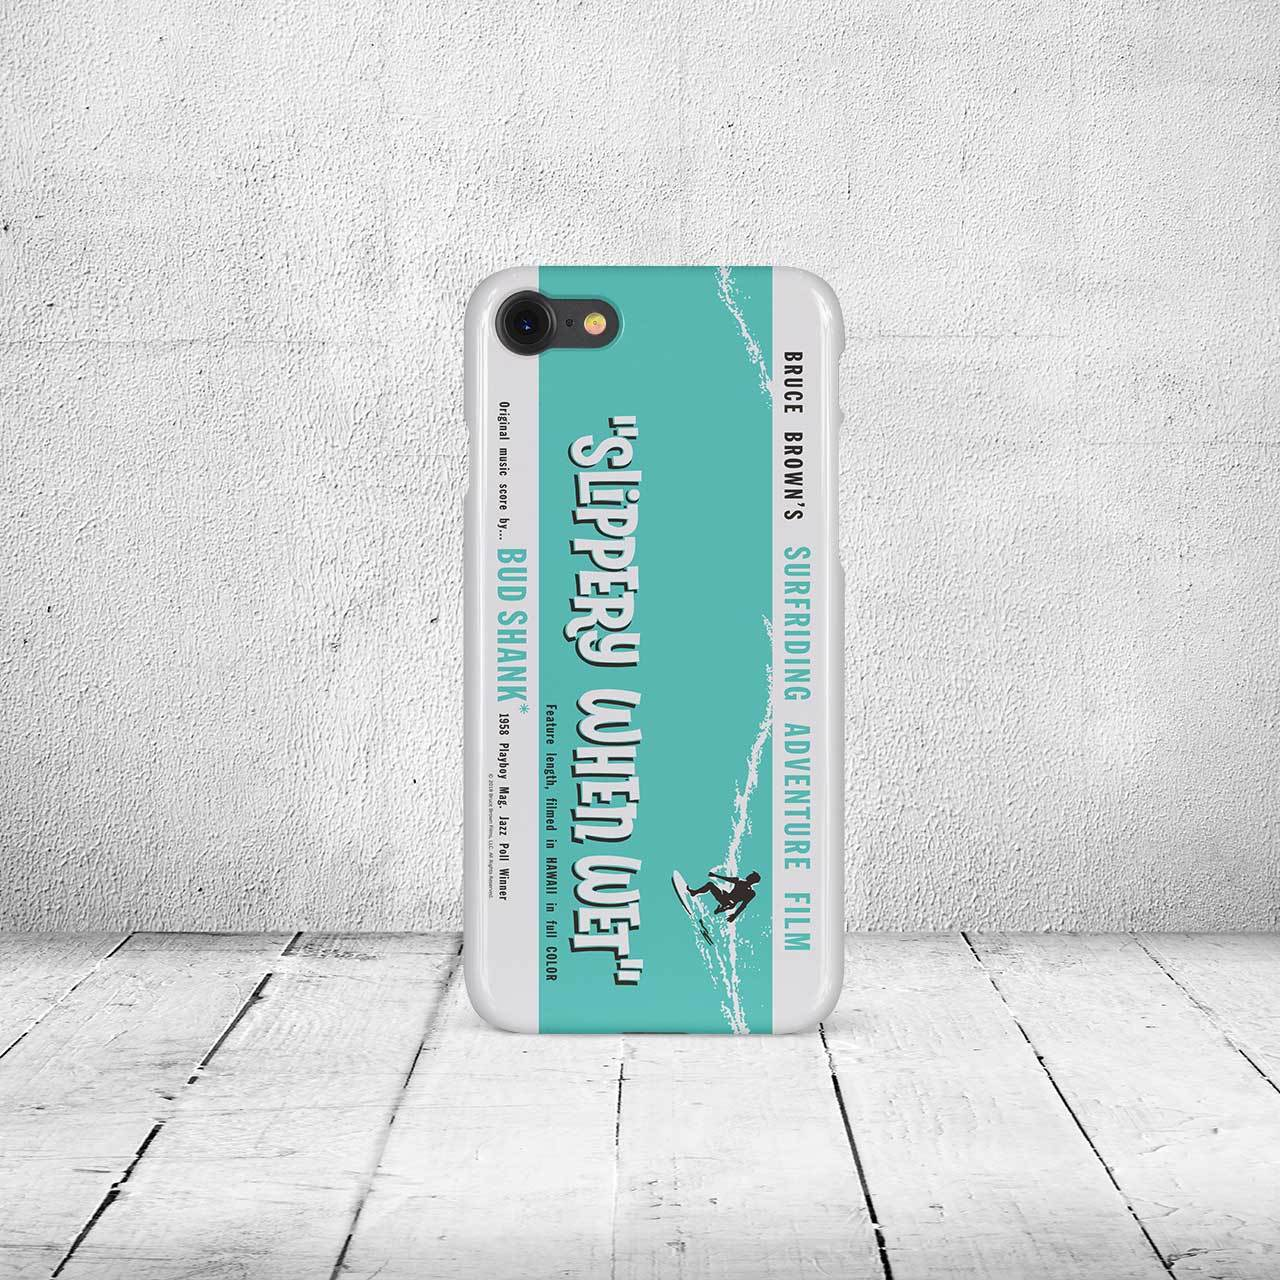 iPhone7 & 8ケース・ブルースブラウンフィルム・Slippery When Wet